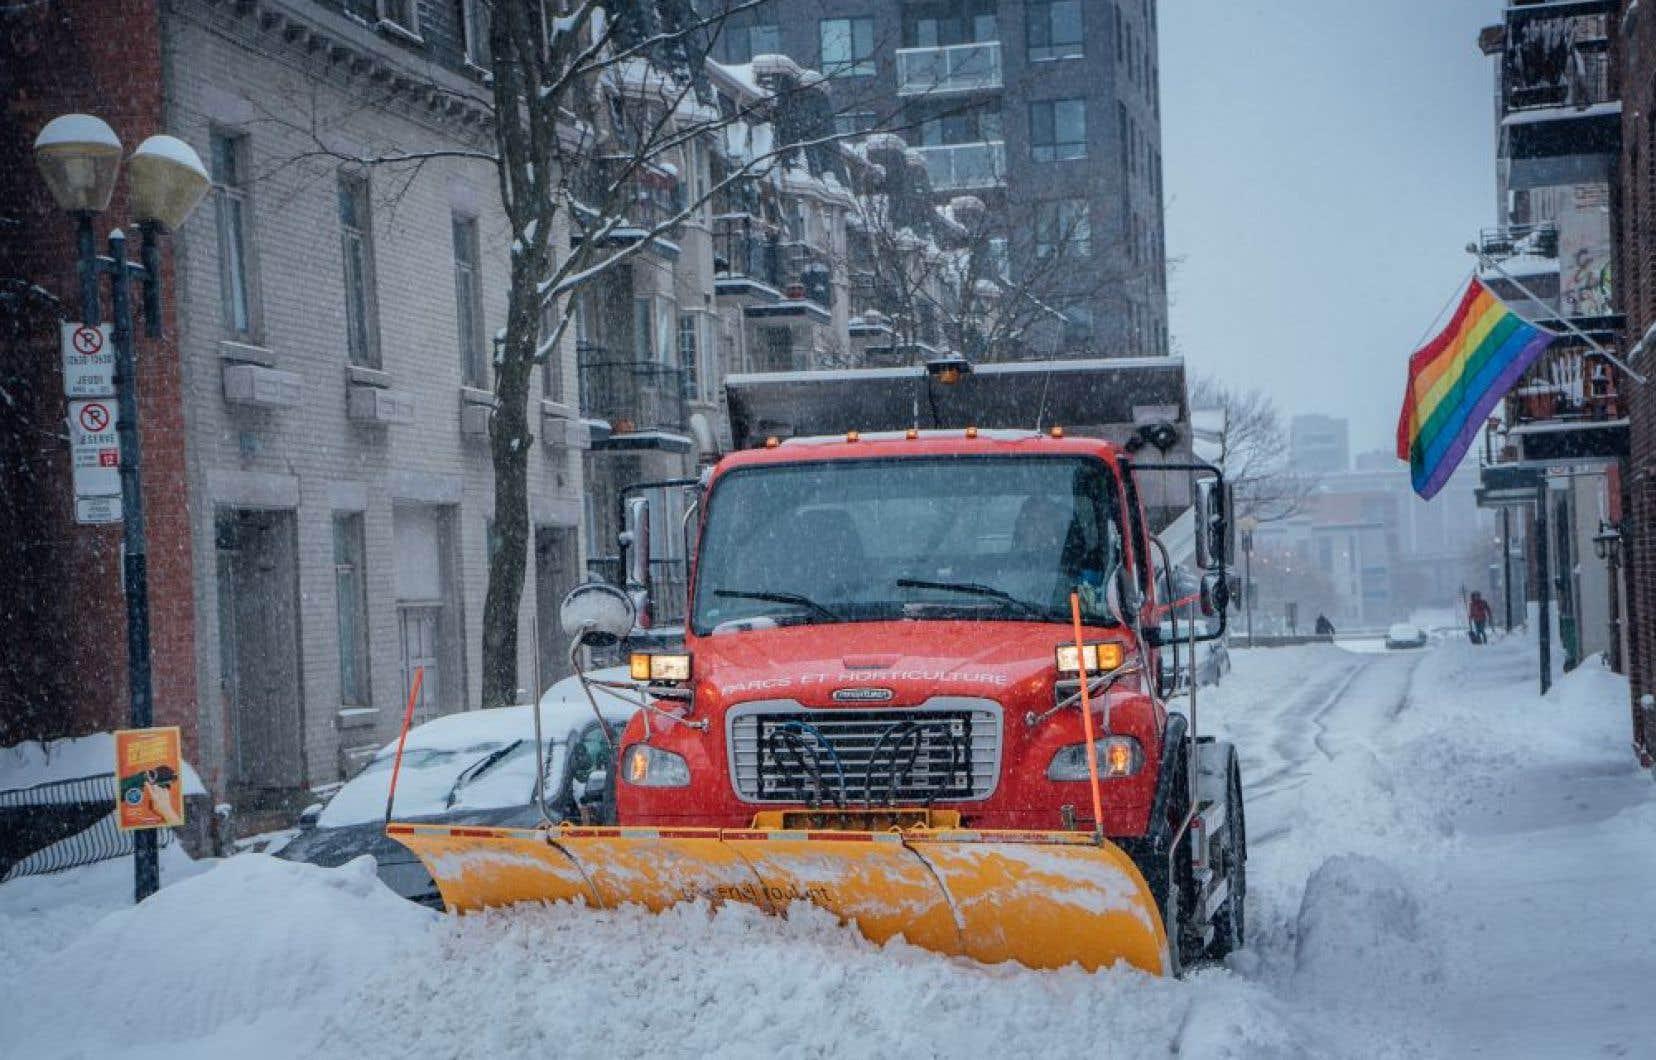 Les activités liées au déneigement ont coûté cher, soit 19,3millions de plus que prévu et 10millions de plus que l'année précédente même si la quantité de neige tombée a été comparable.